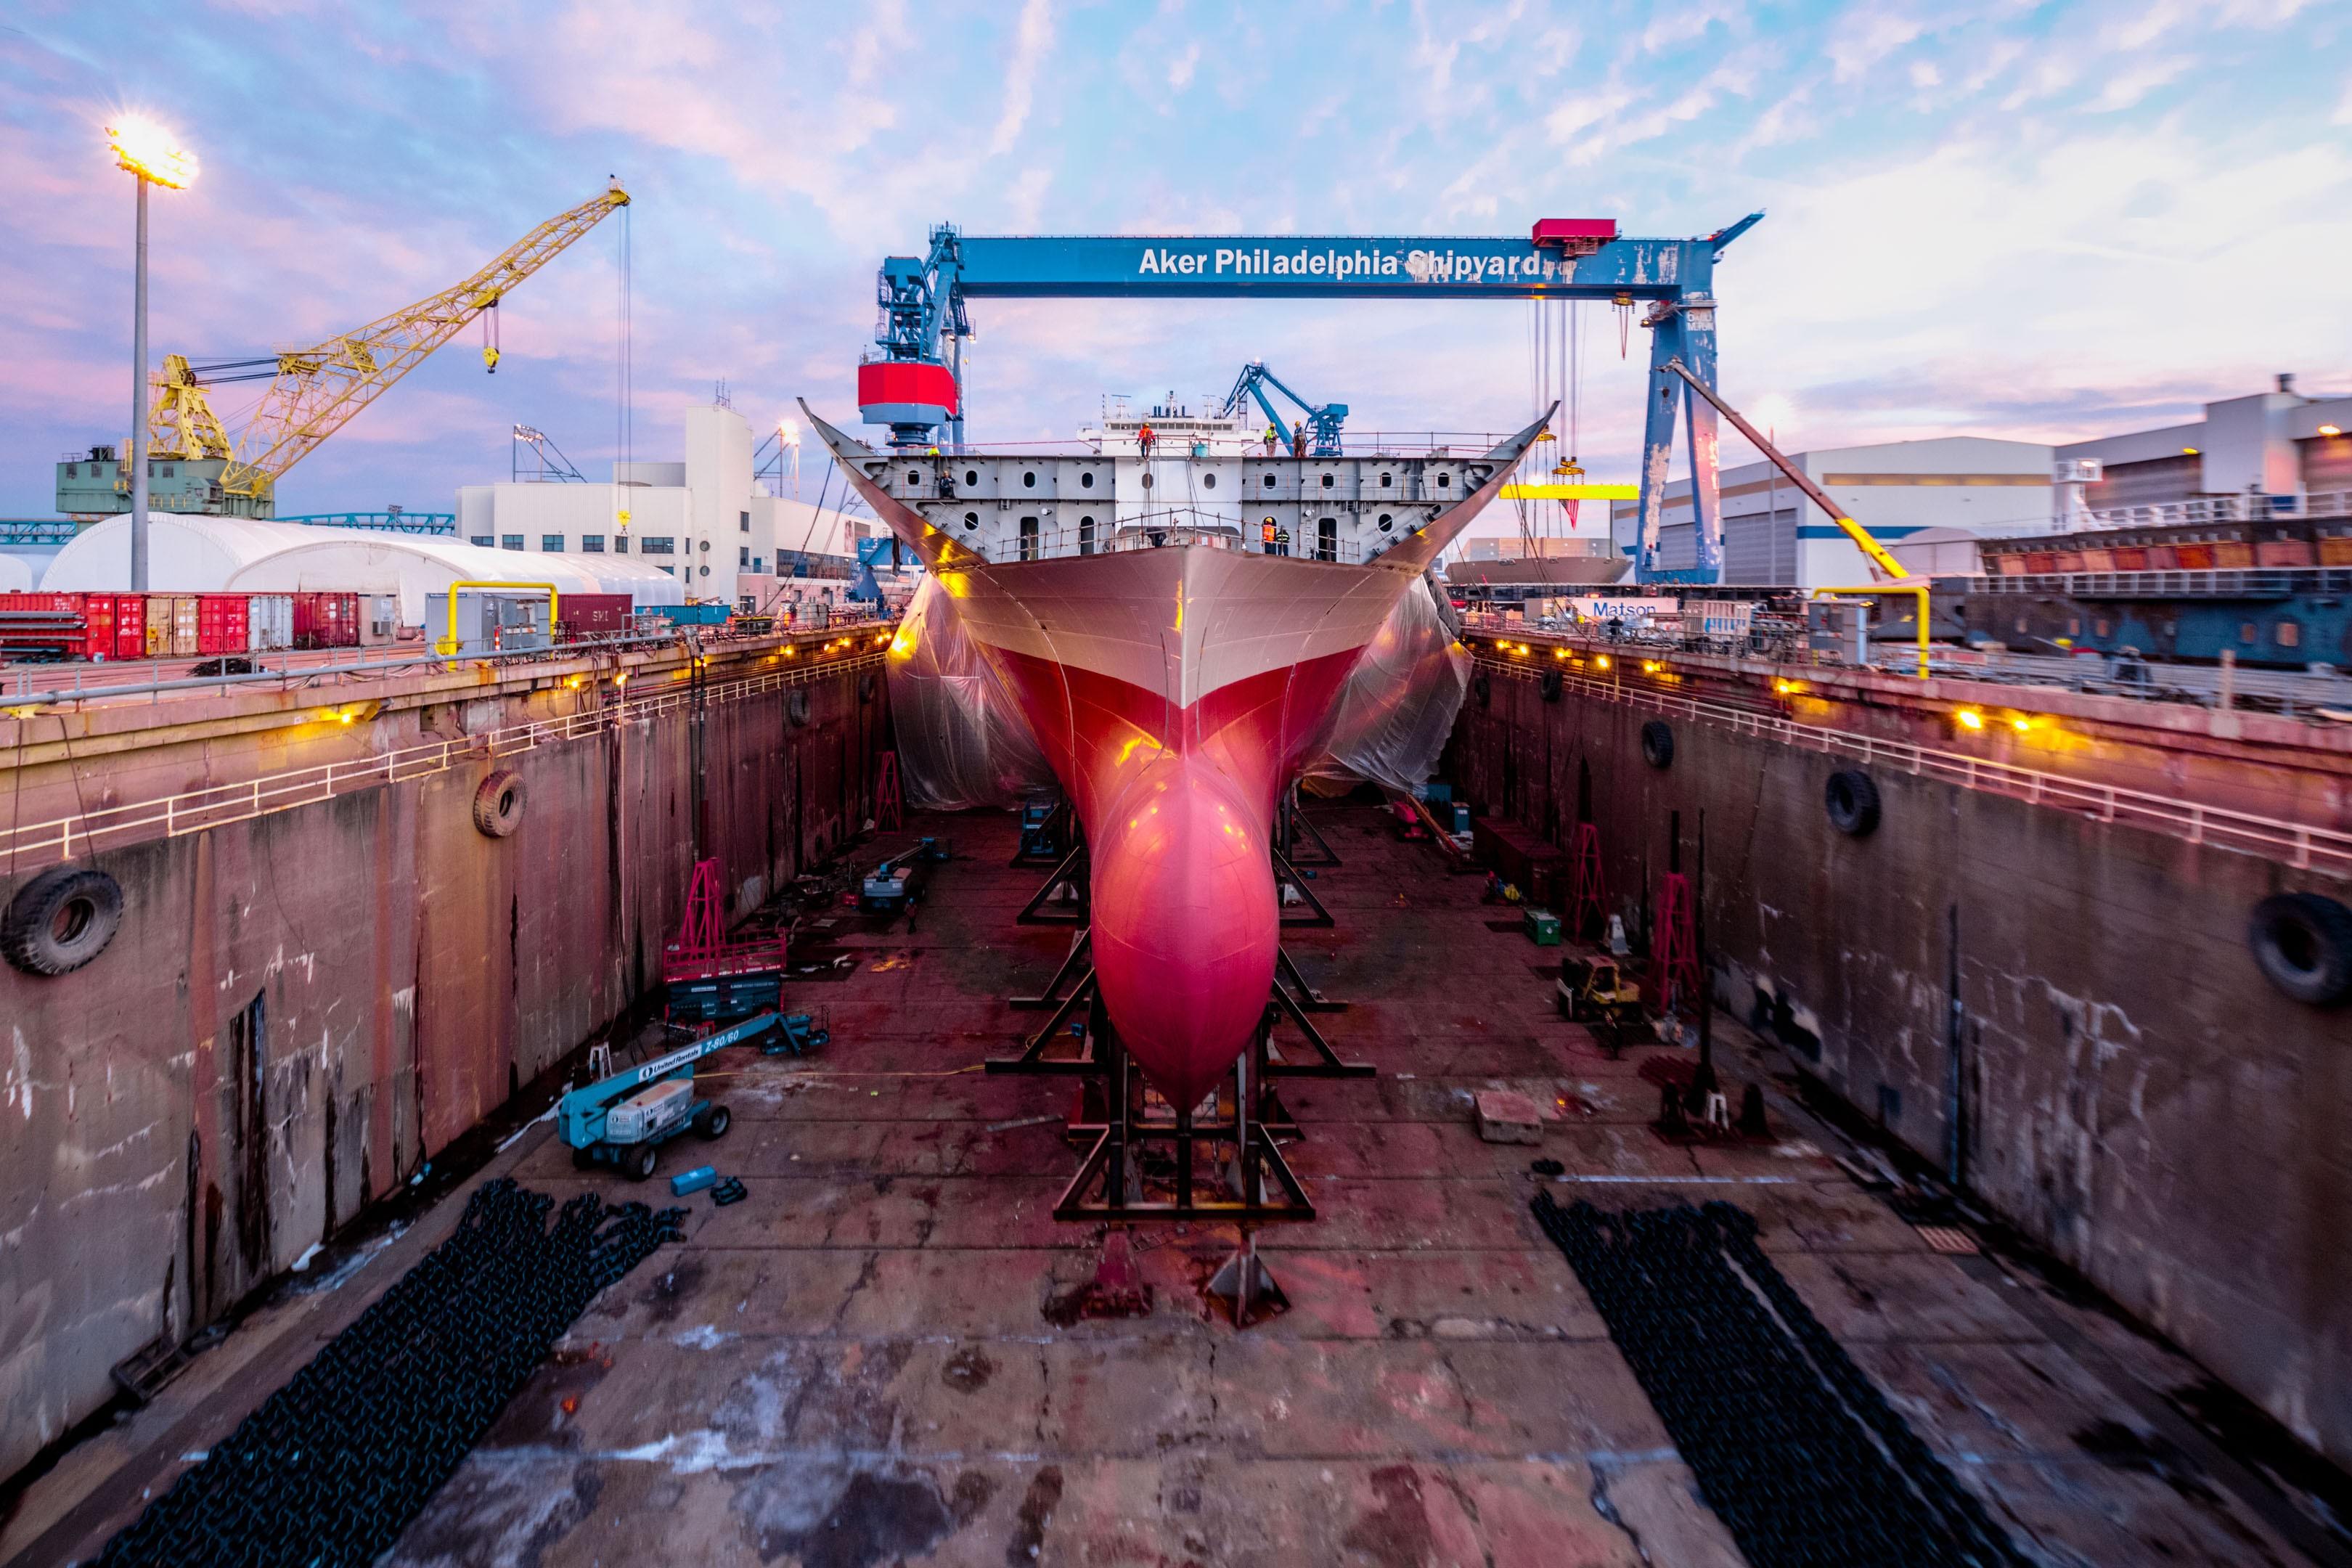 Philly Shipyard, Inc. (trước đây là Aker Philadelphia Shipyard) |  LinkedIn